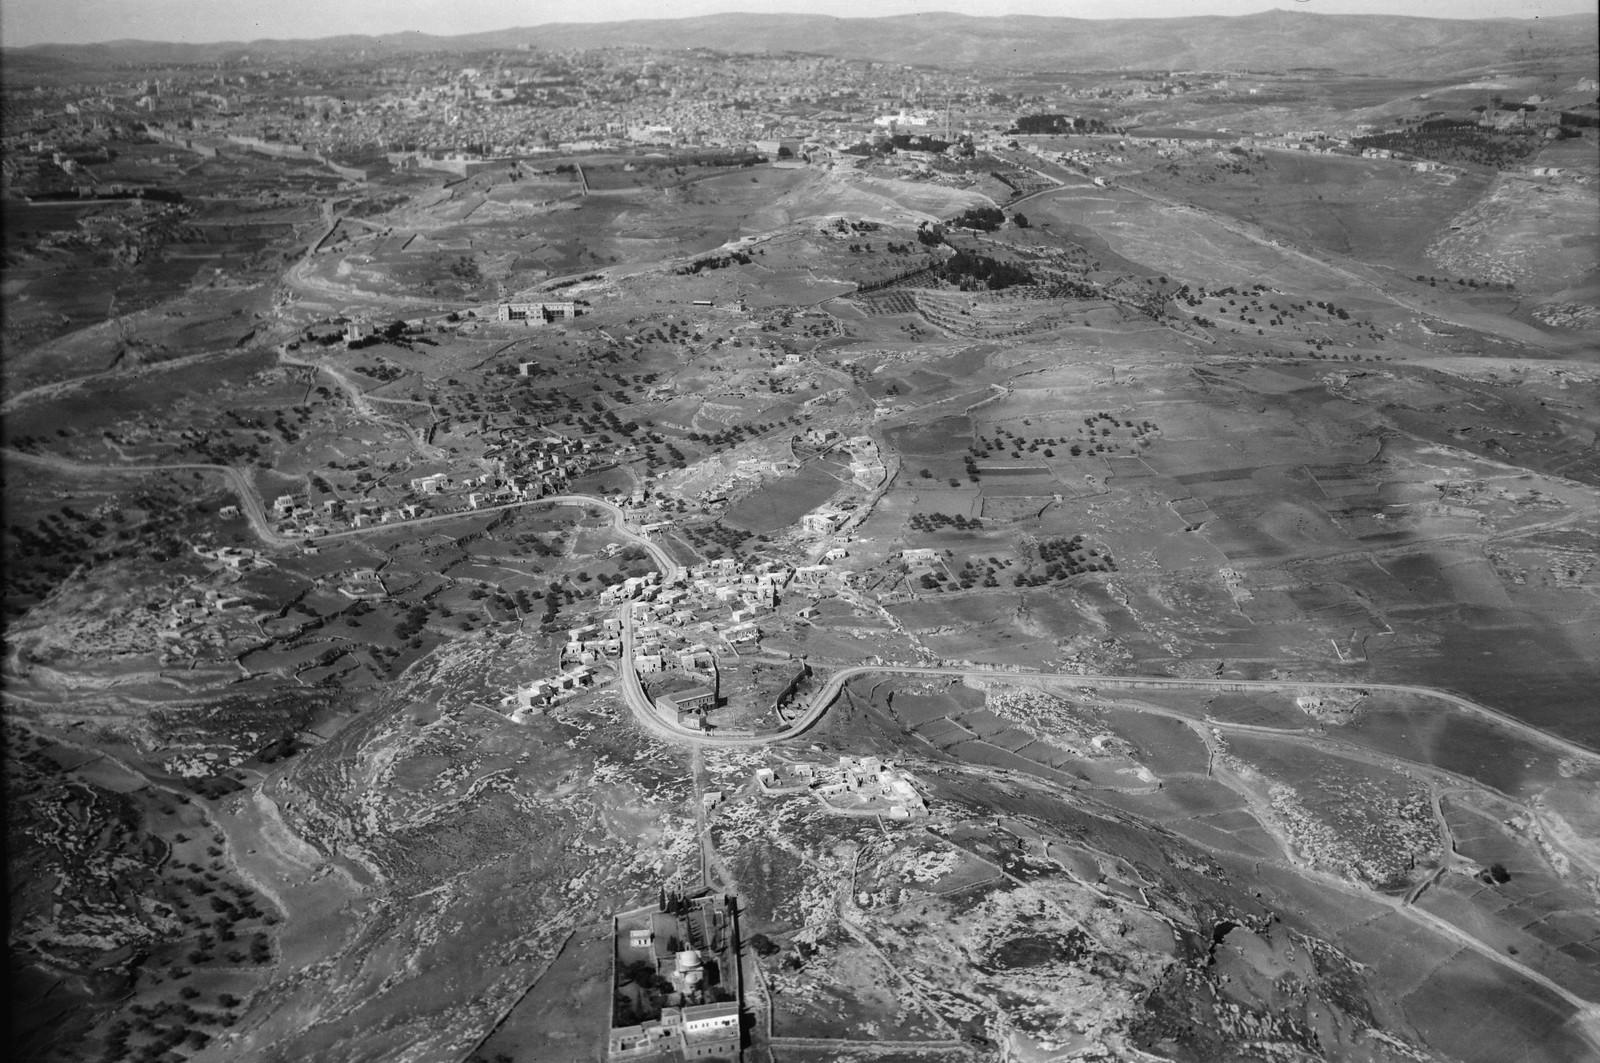 02. Воздушный маршрут по старой дороге Иерусалим-Иерихон. Вифания. Видна Иерихонская дорога, проходящая через город